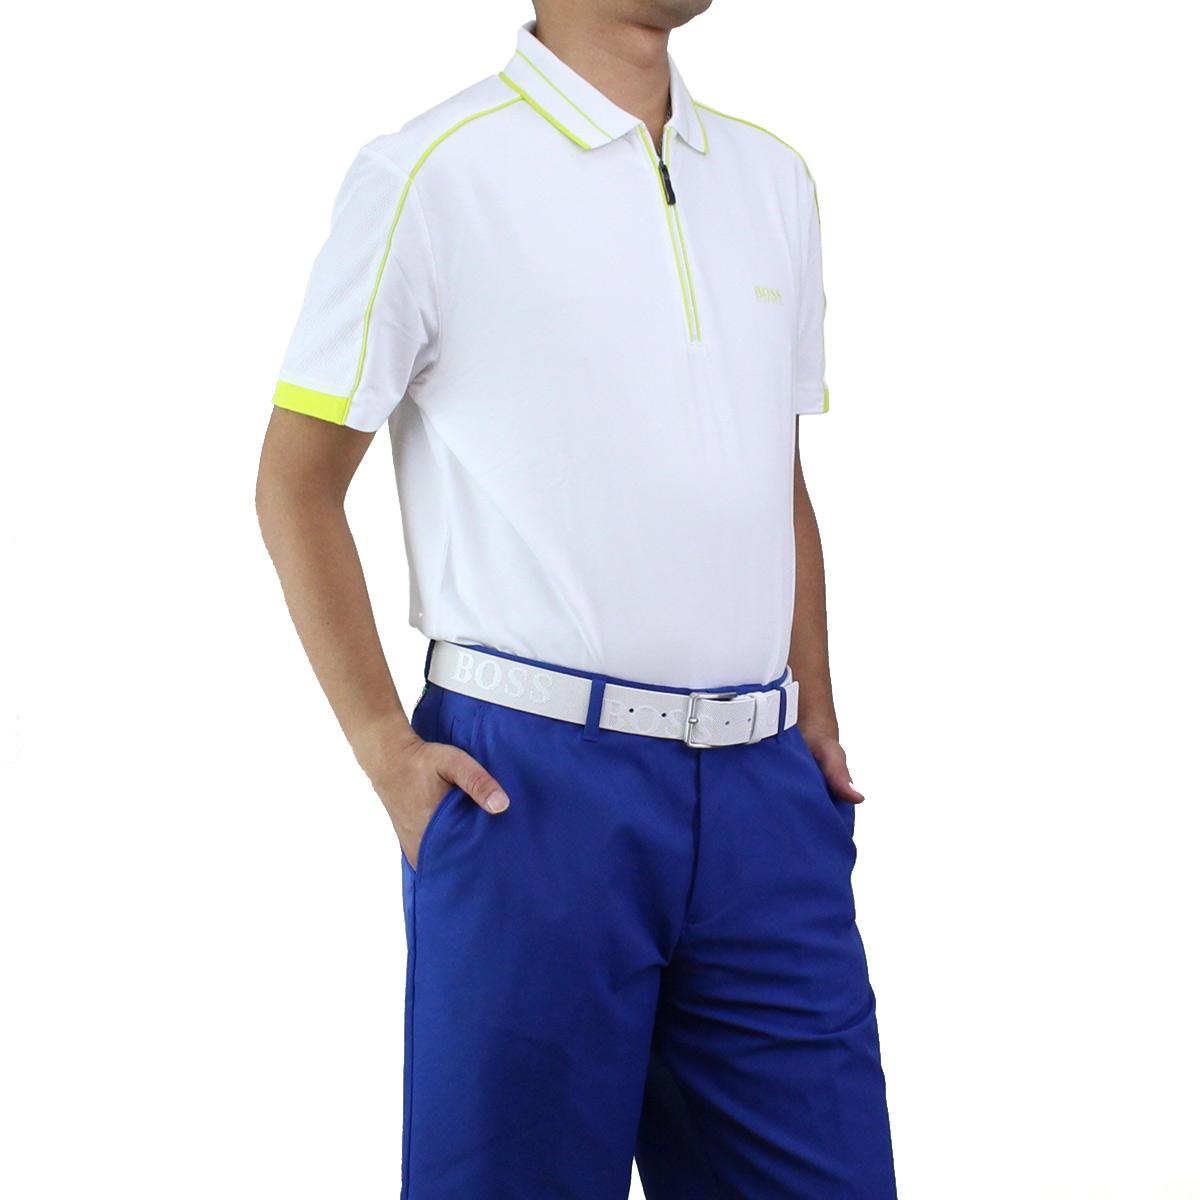 613c6e010 Bighit The total brand wholesale: Hugo Boss HUGO BOSS PHILIX フィリックスポロシャツ  short sleeves golf wear 50404274 10214873 100 white system | Rakuten ...